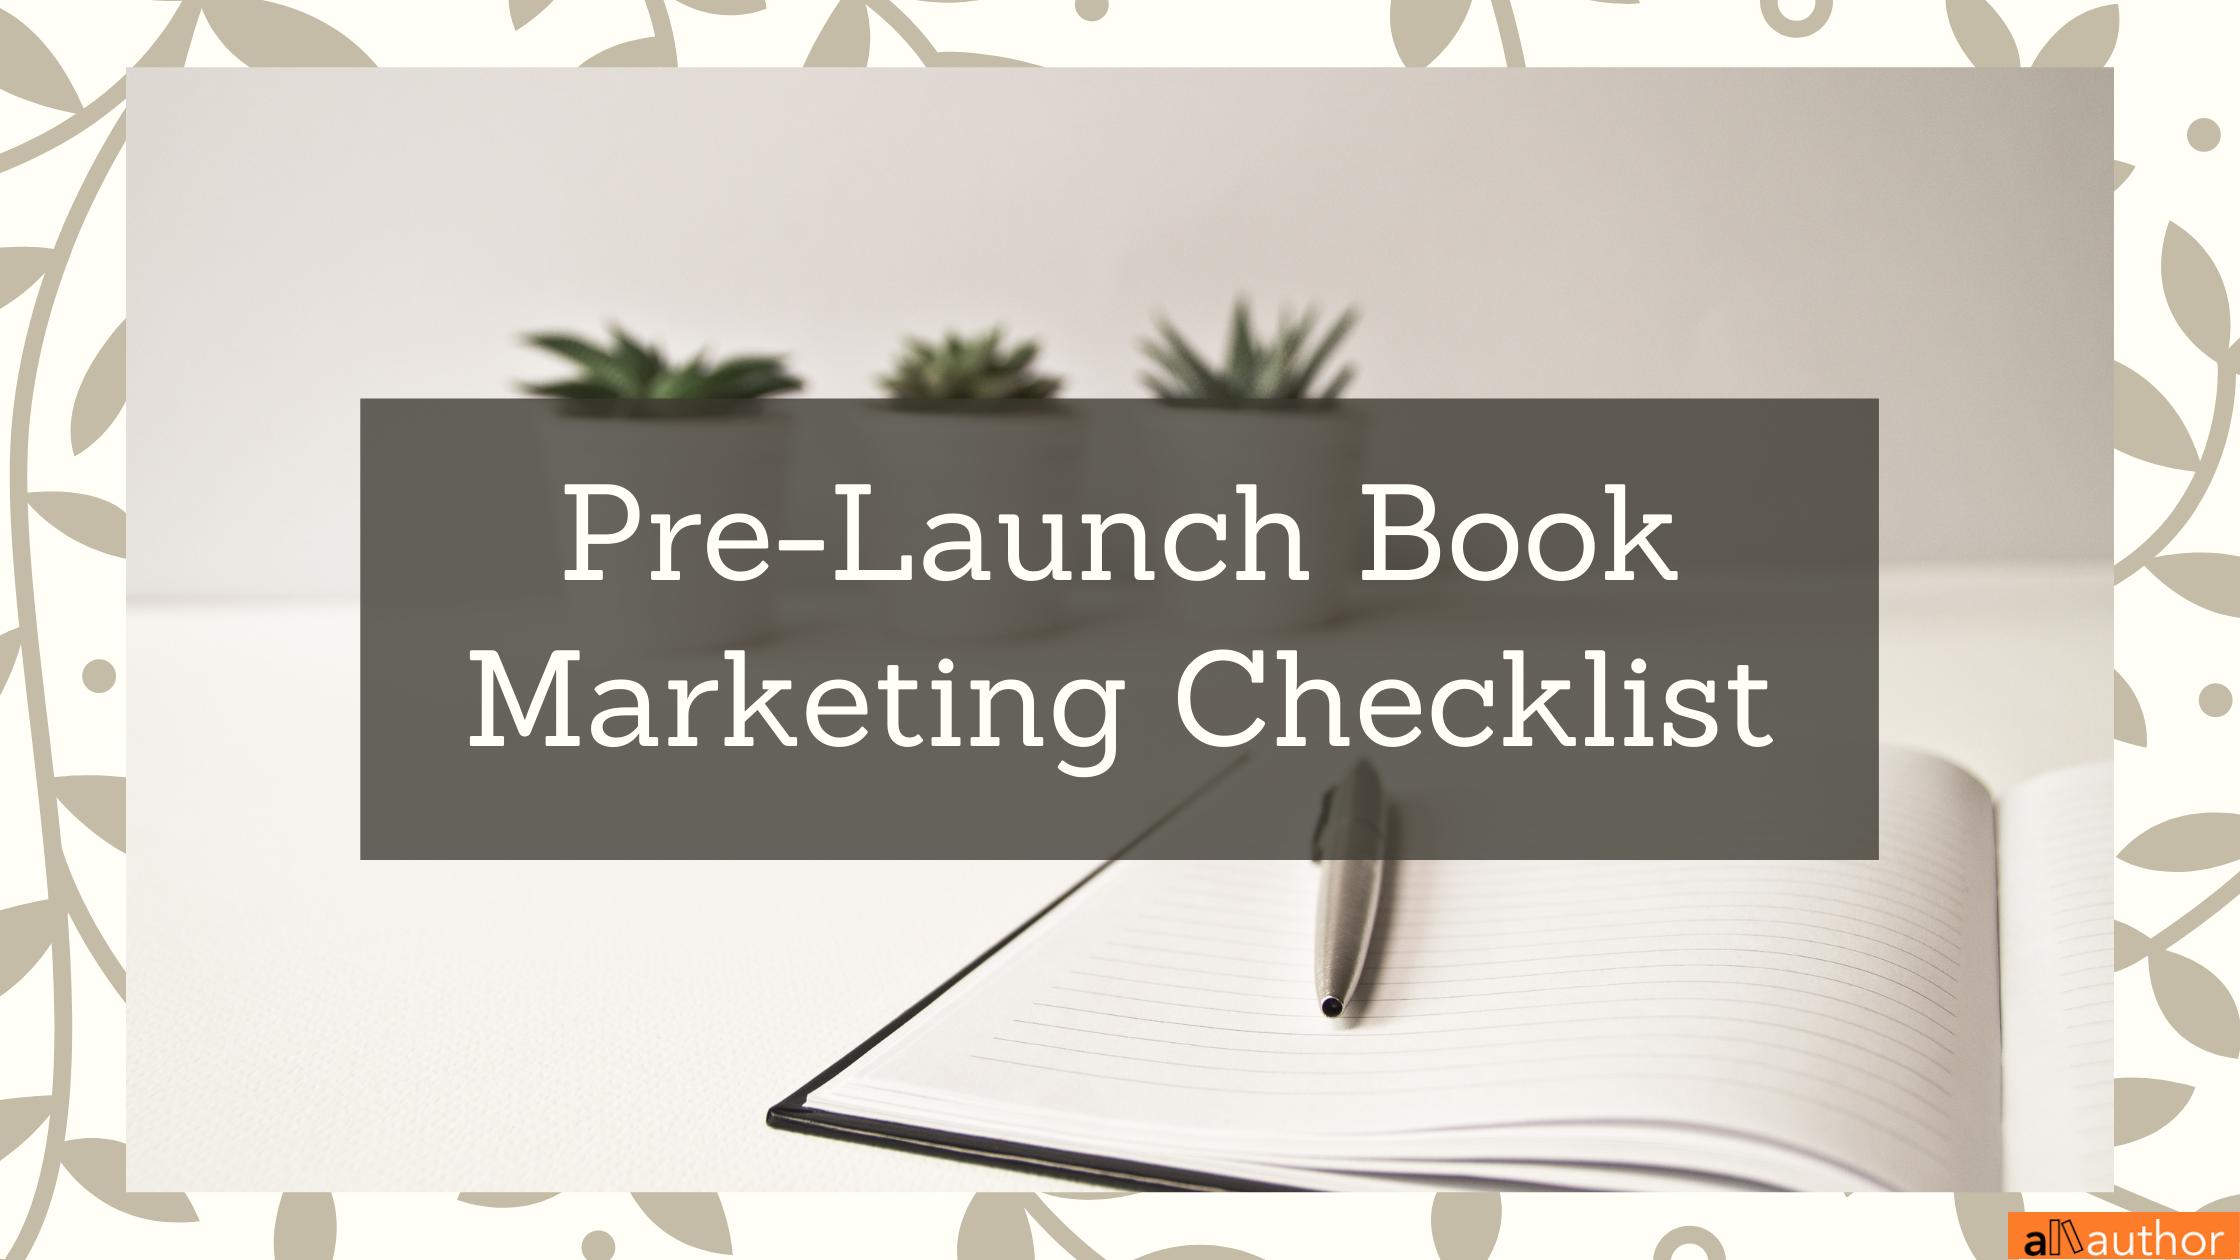 pre-launch book marketing checklist